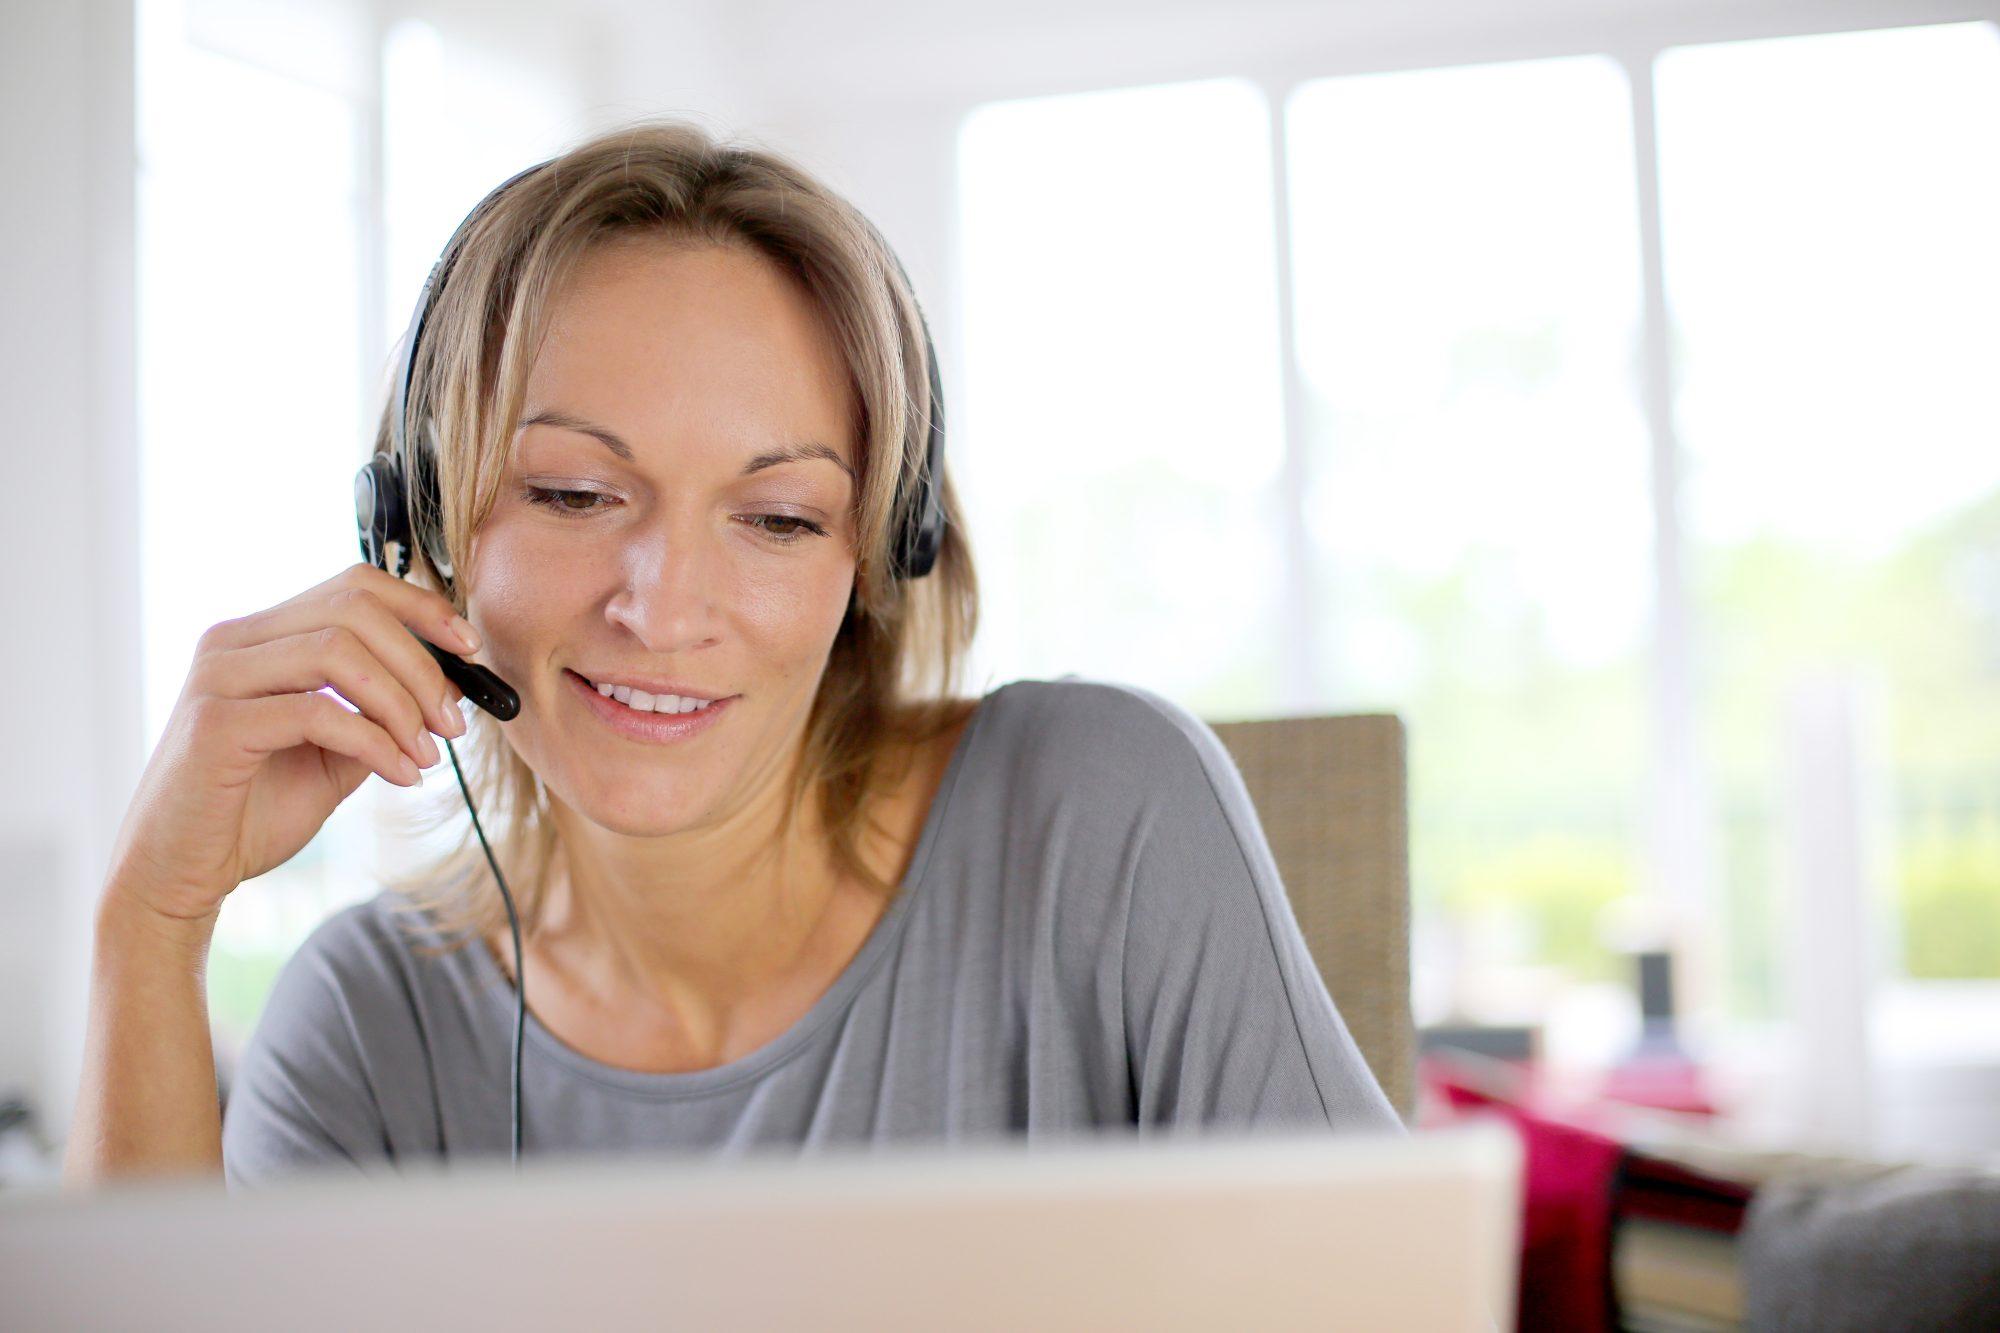 Spraakherkenning-voor-particulieren-digitaal-dicteren-spraak-naar-tekst-dragon-software-home-brede-banner